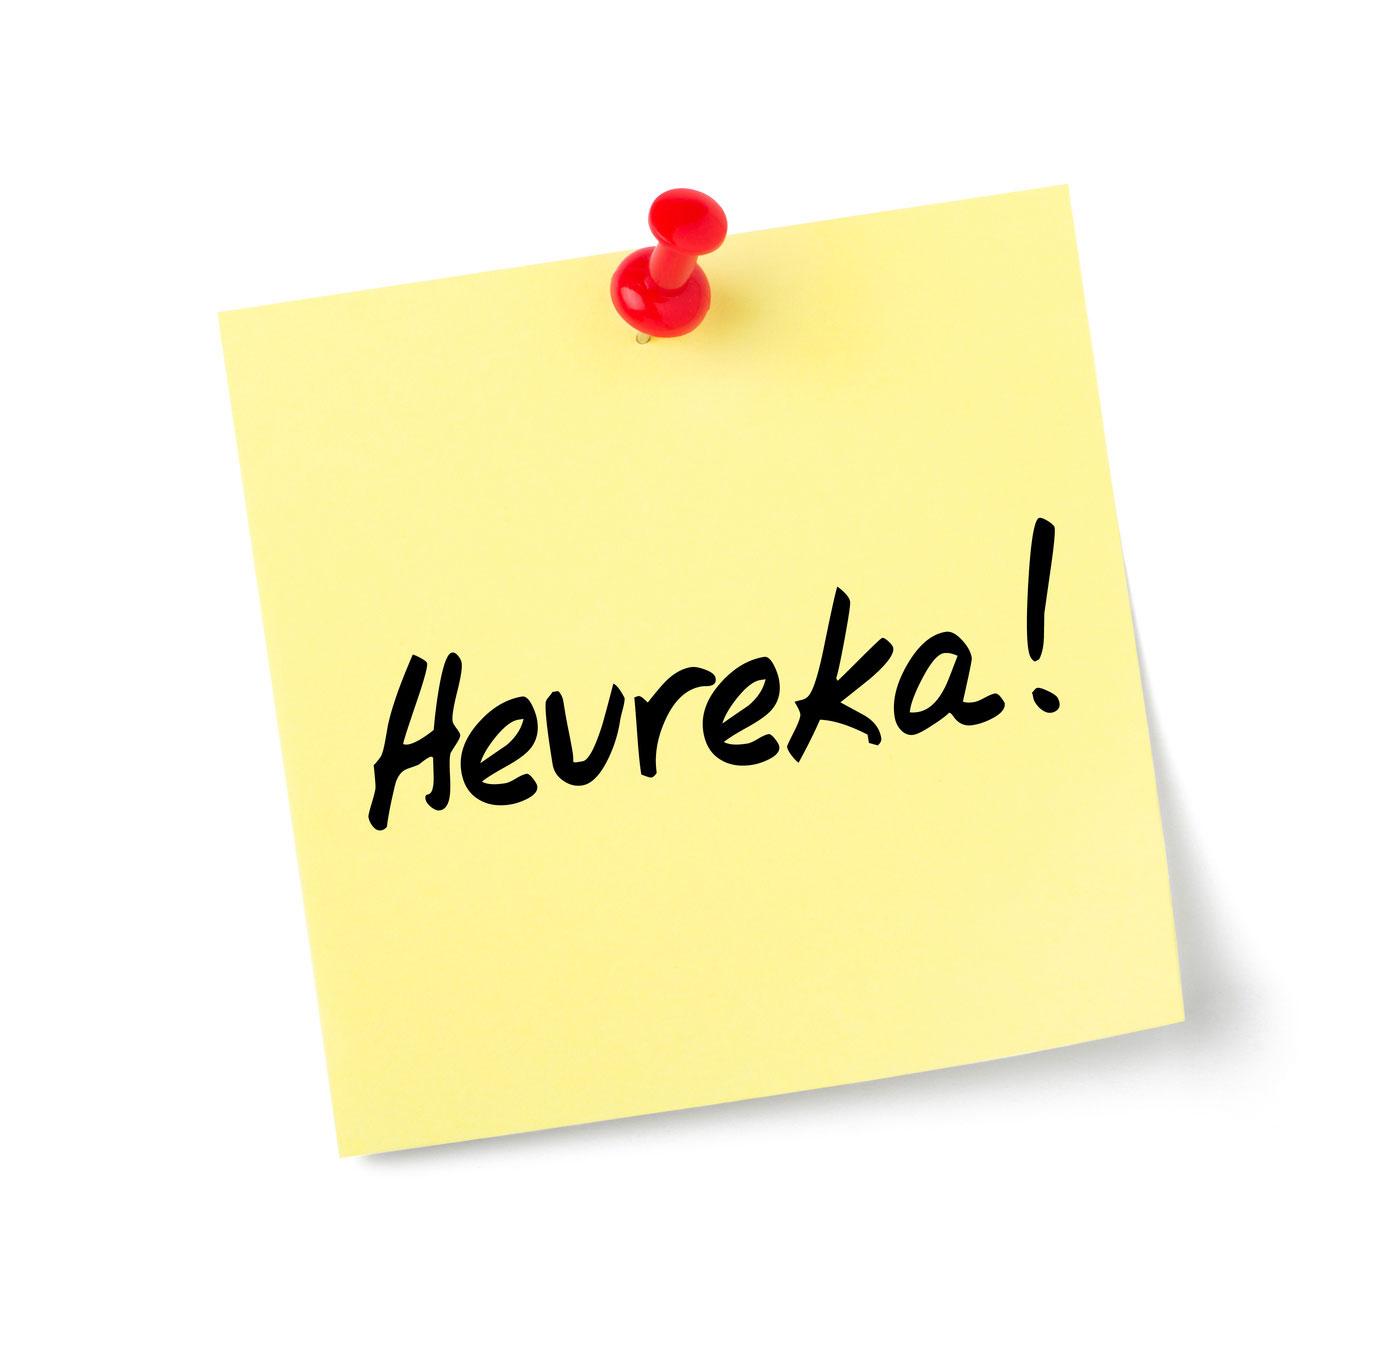 Heureka, hier wird erklärt, was ist Mediation. Mediation steht für Vermittlung und ist ein strukturierter Prozess, der den Streitenden hilft, eine Lösung ihres Konflikts zu finden.